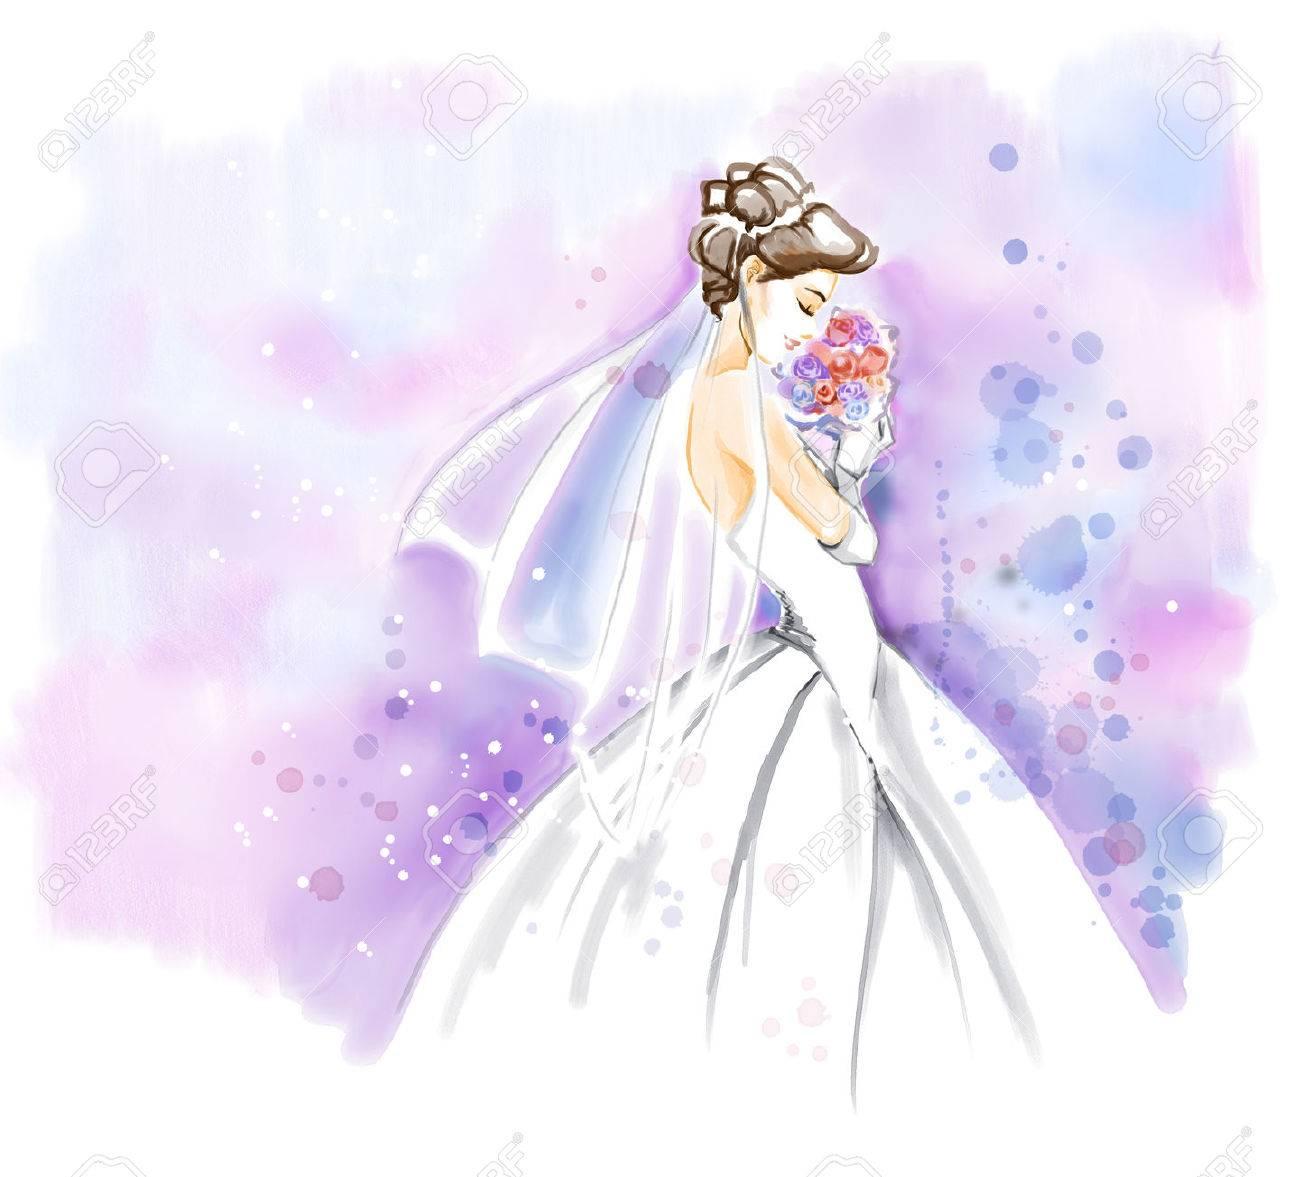 美しい長いウェディング ドレスの花の花束とエレガントな若い花嫁。水彩の招待状。フリーハンドの水彩絵。